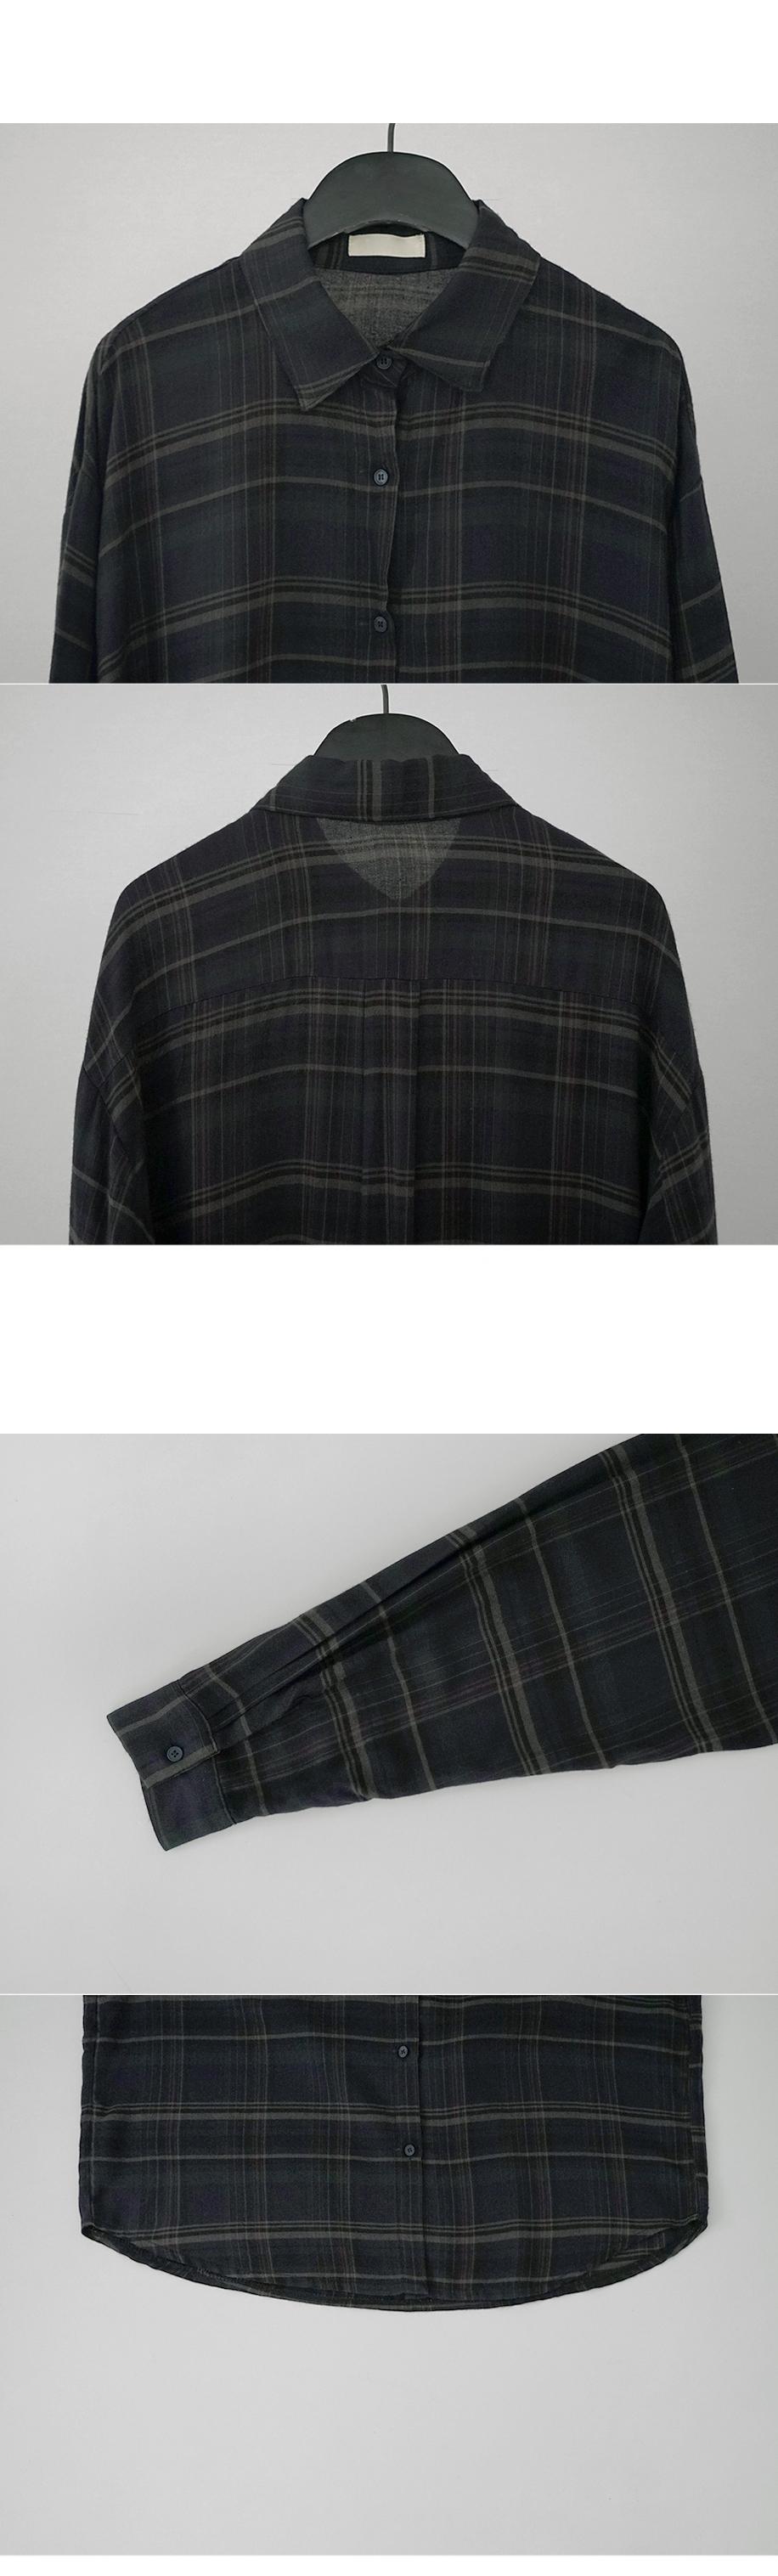 rayon color plaid shirt